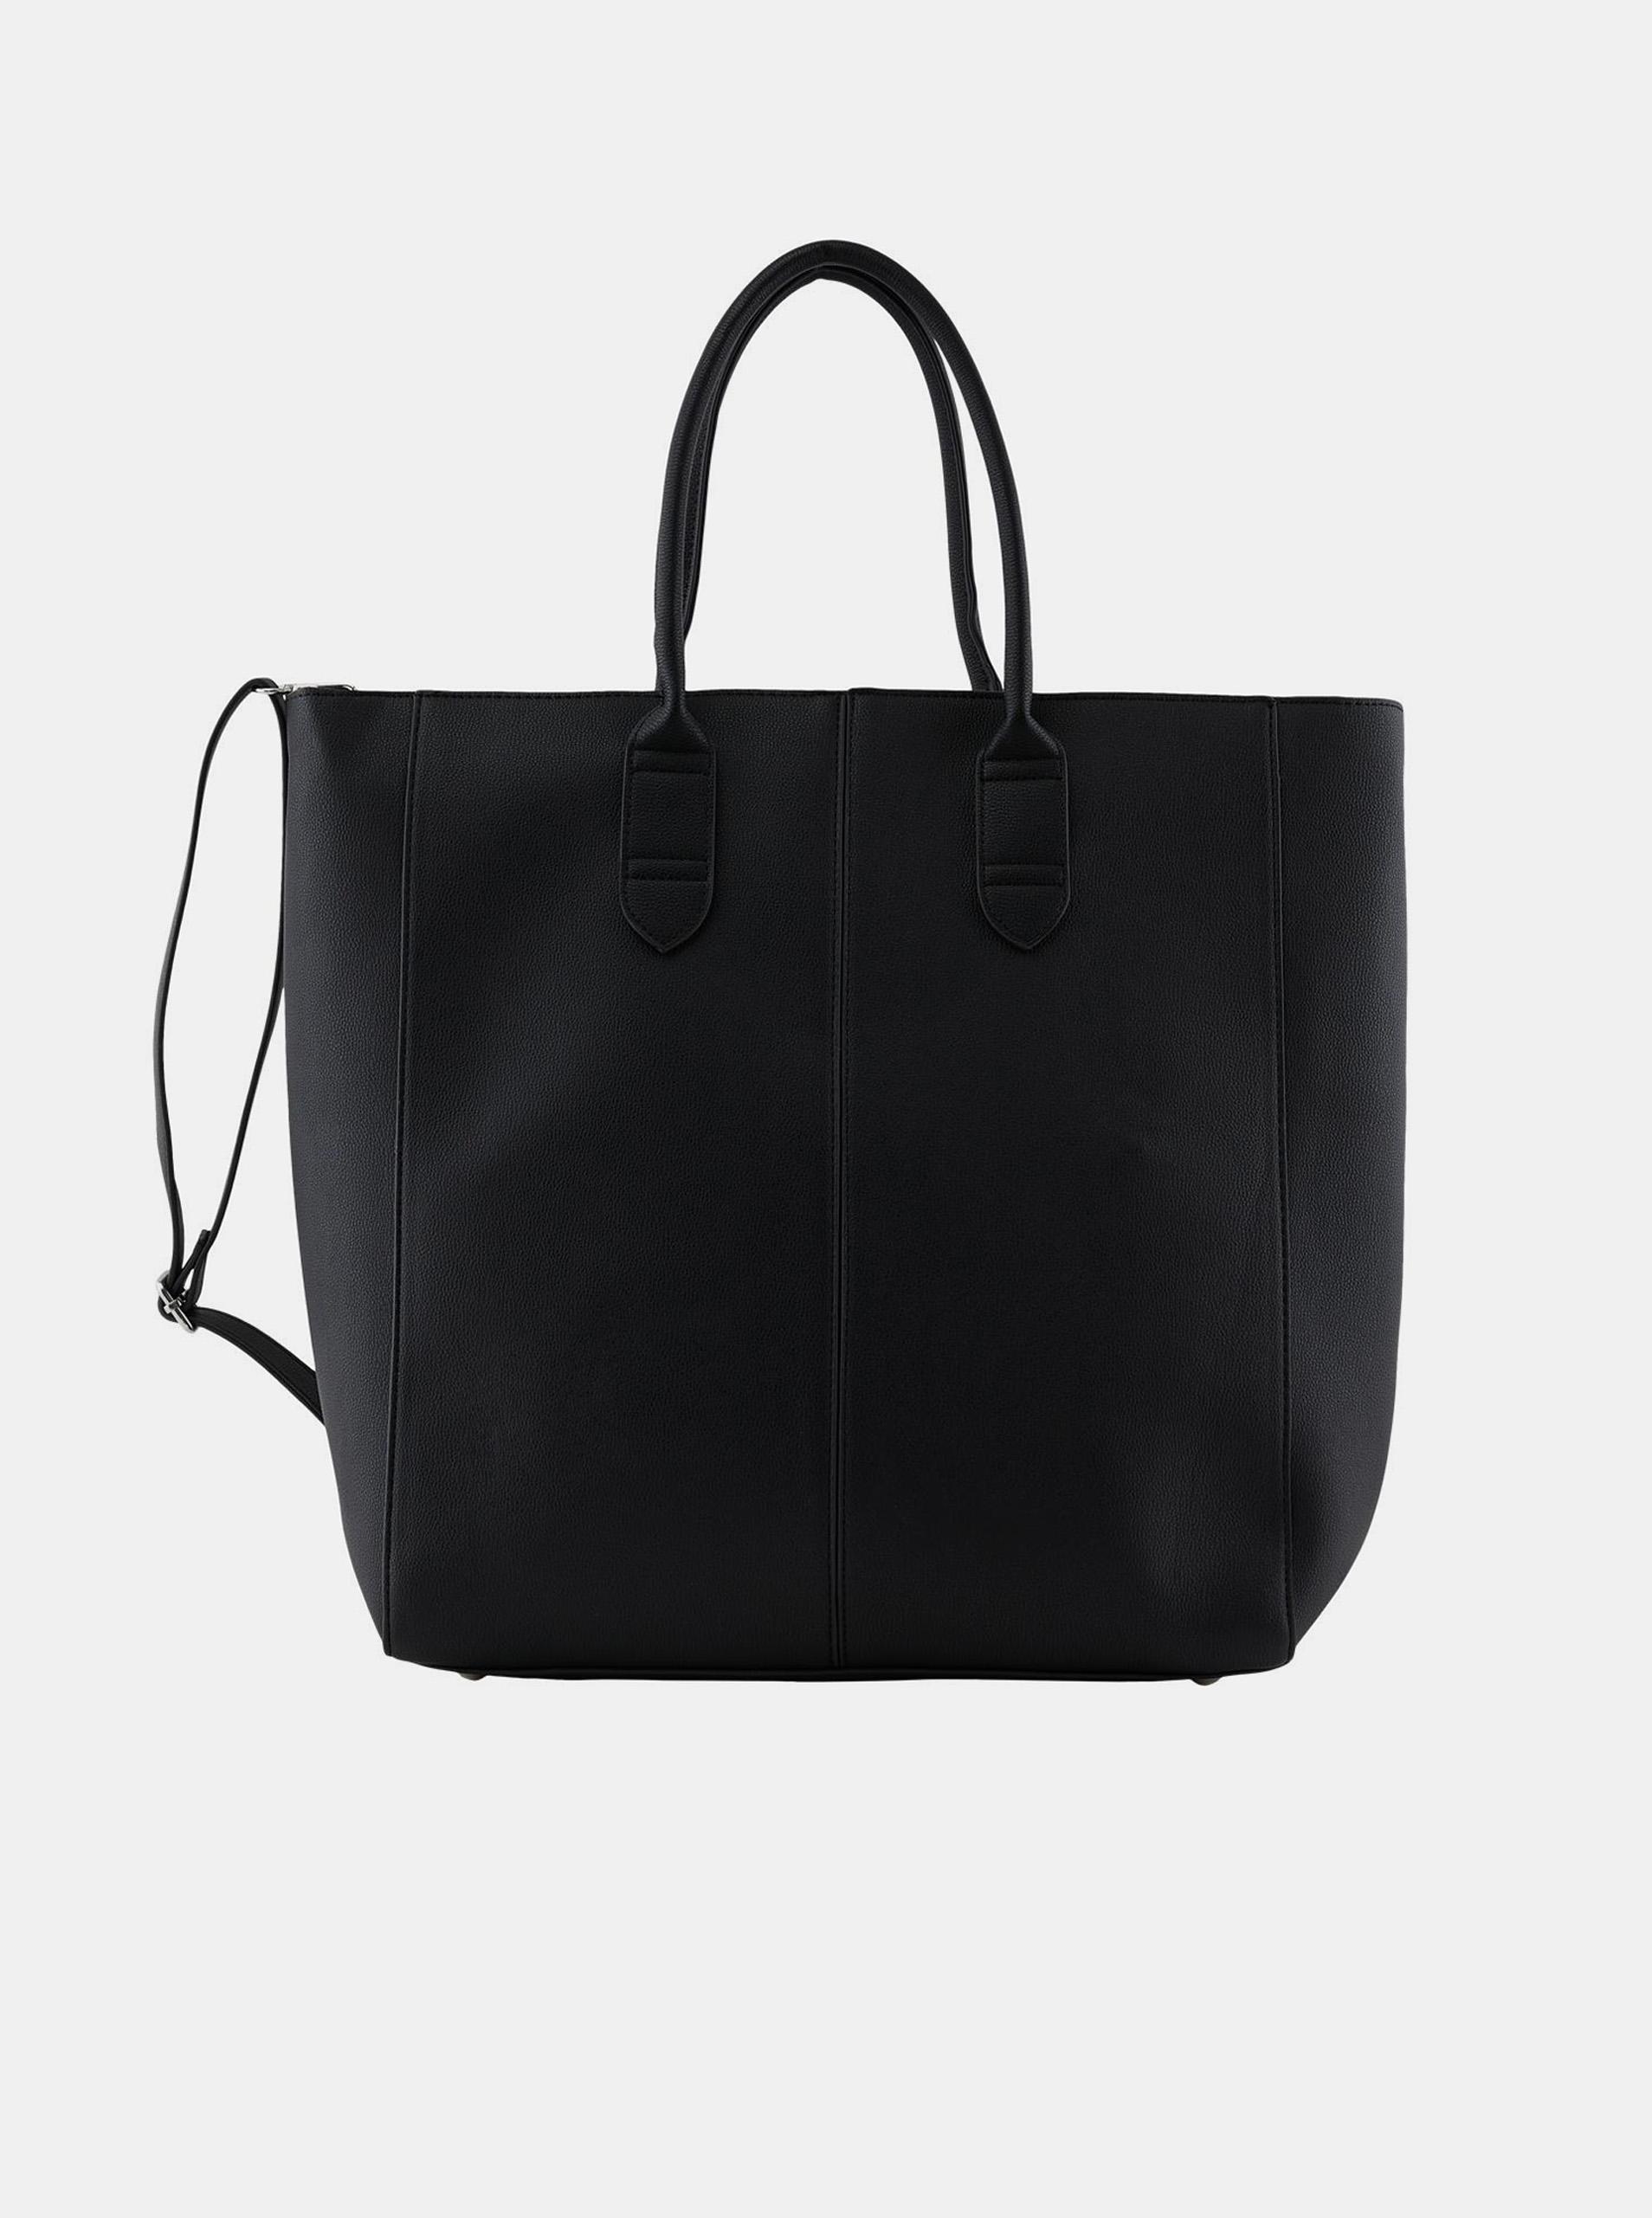 Pieces black shopper Tilo